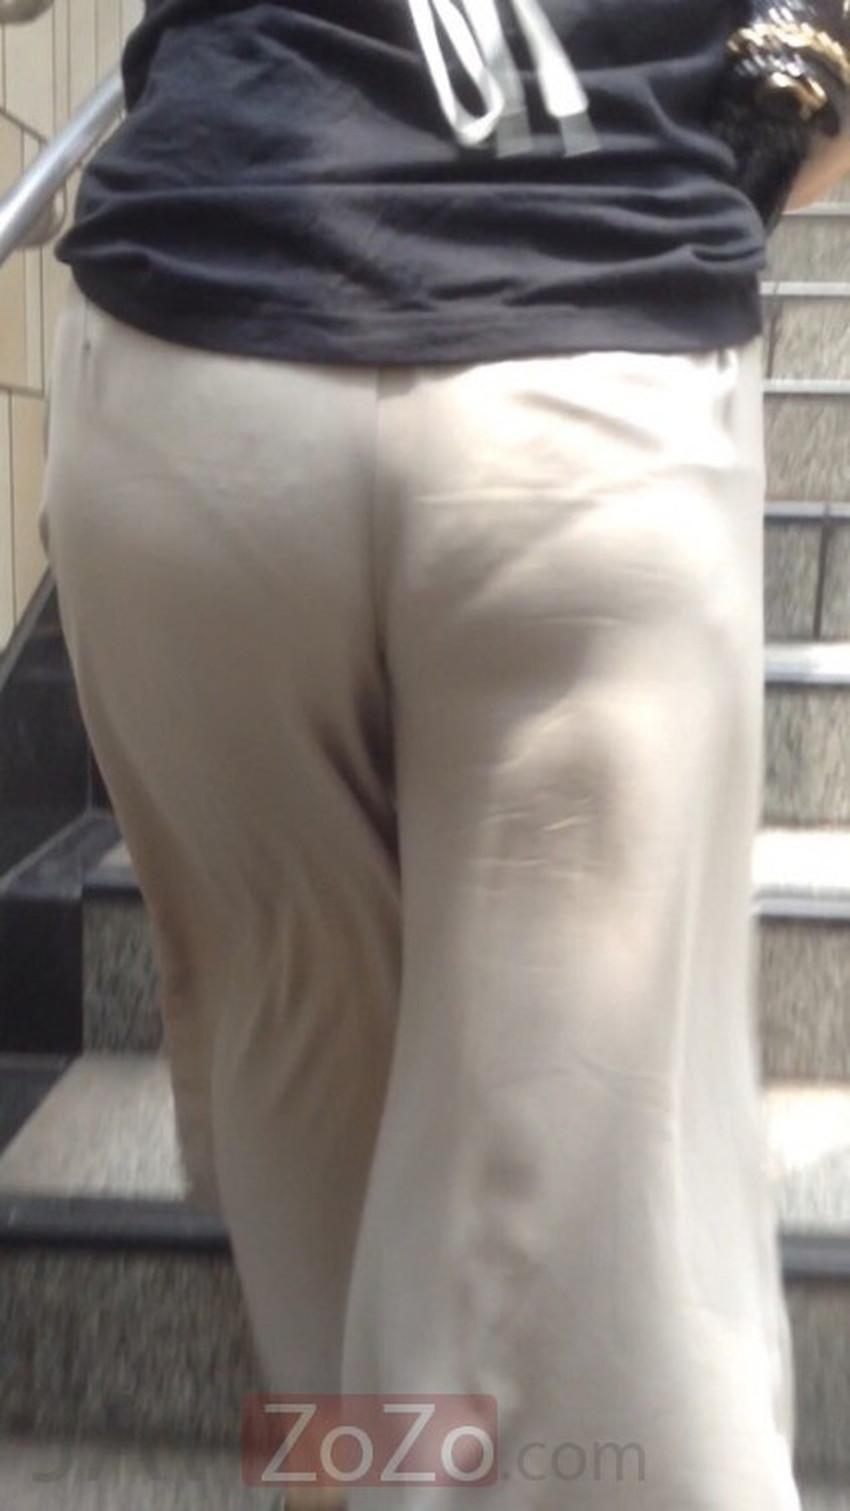 【ガウチョパンツエロ画像】街中で透けパンやパンティーラインが盗撮できちゃうガウチョパンツのエロ画像集ww!w【80枚】 53